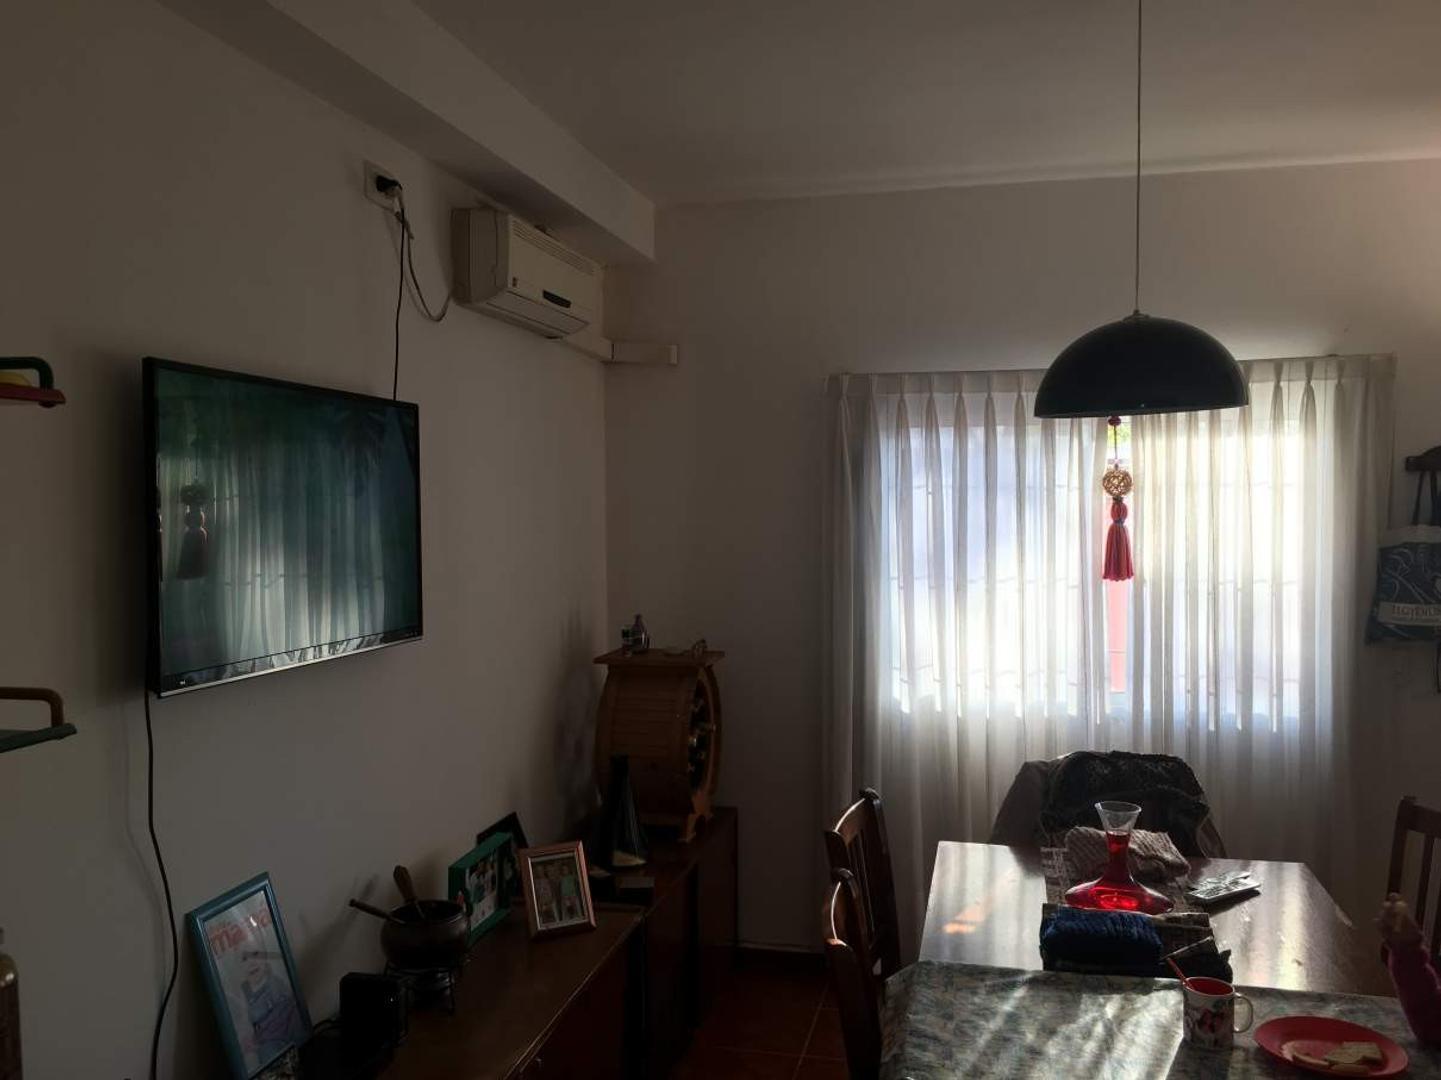 Casa - 130 m²   2 dormitorios   35 años